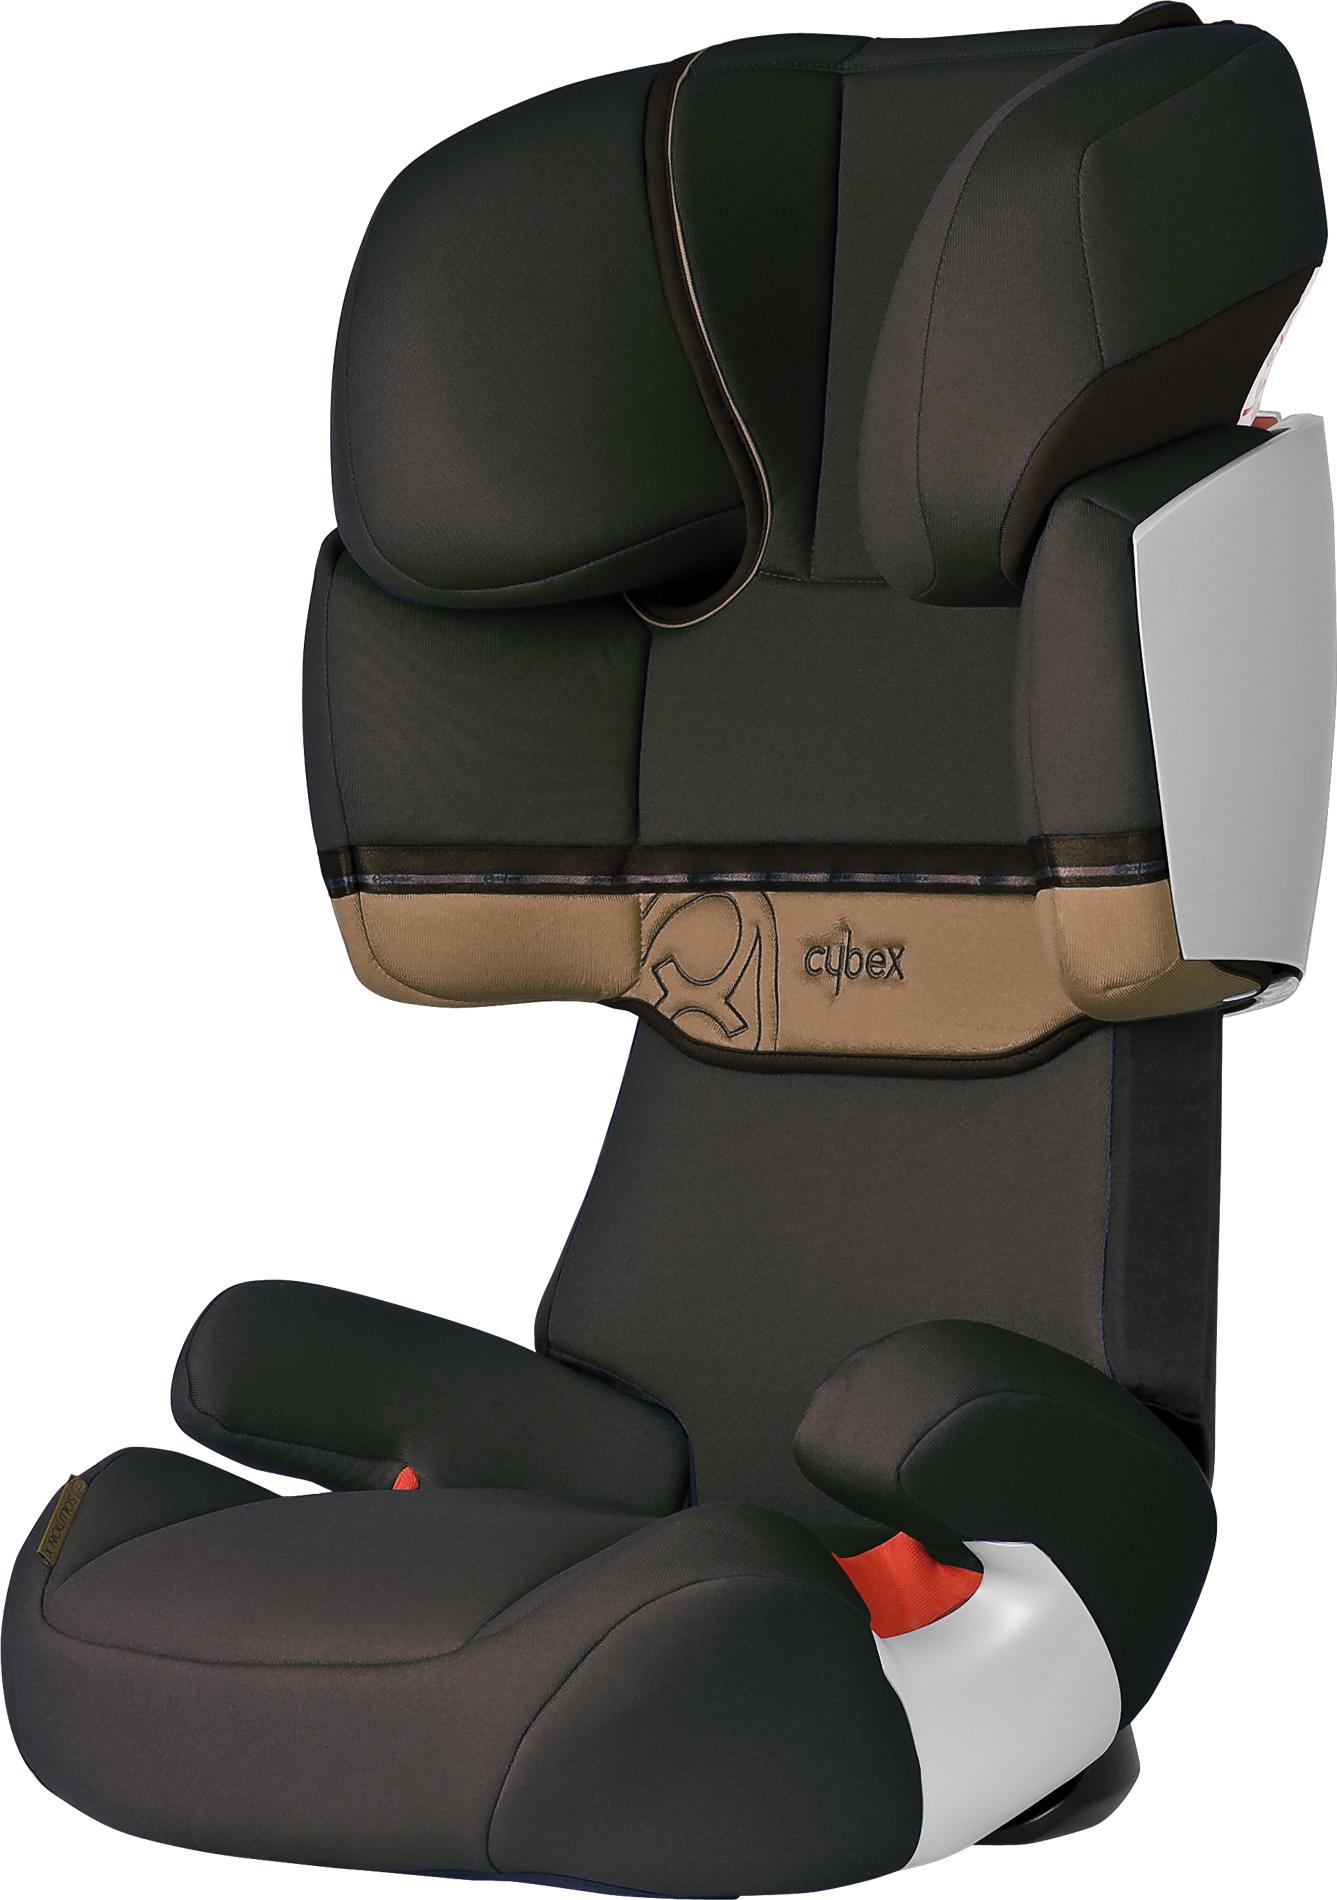 solution x de cybex les conseils du sp cialiste du. Black Bedroom Furniture Sets. Home Design Ideas